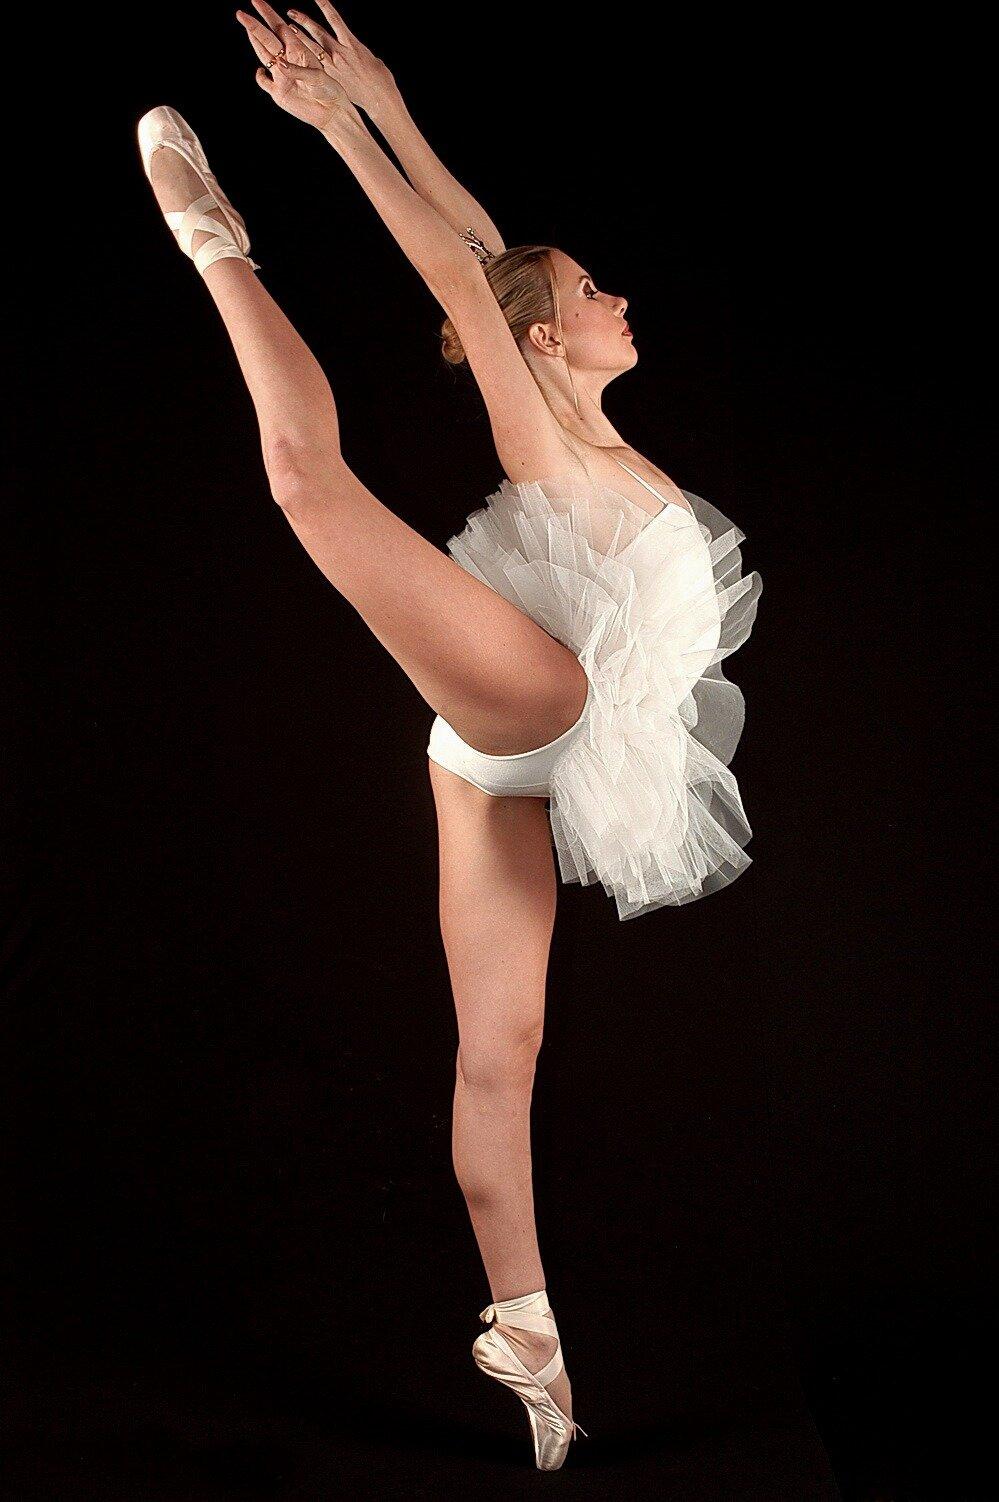 пикантность в позах балерин - 9